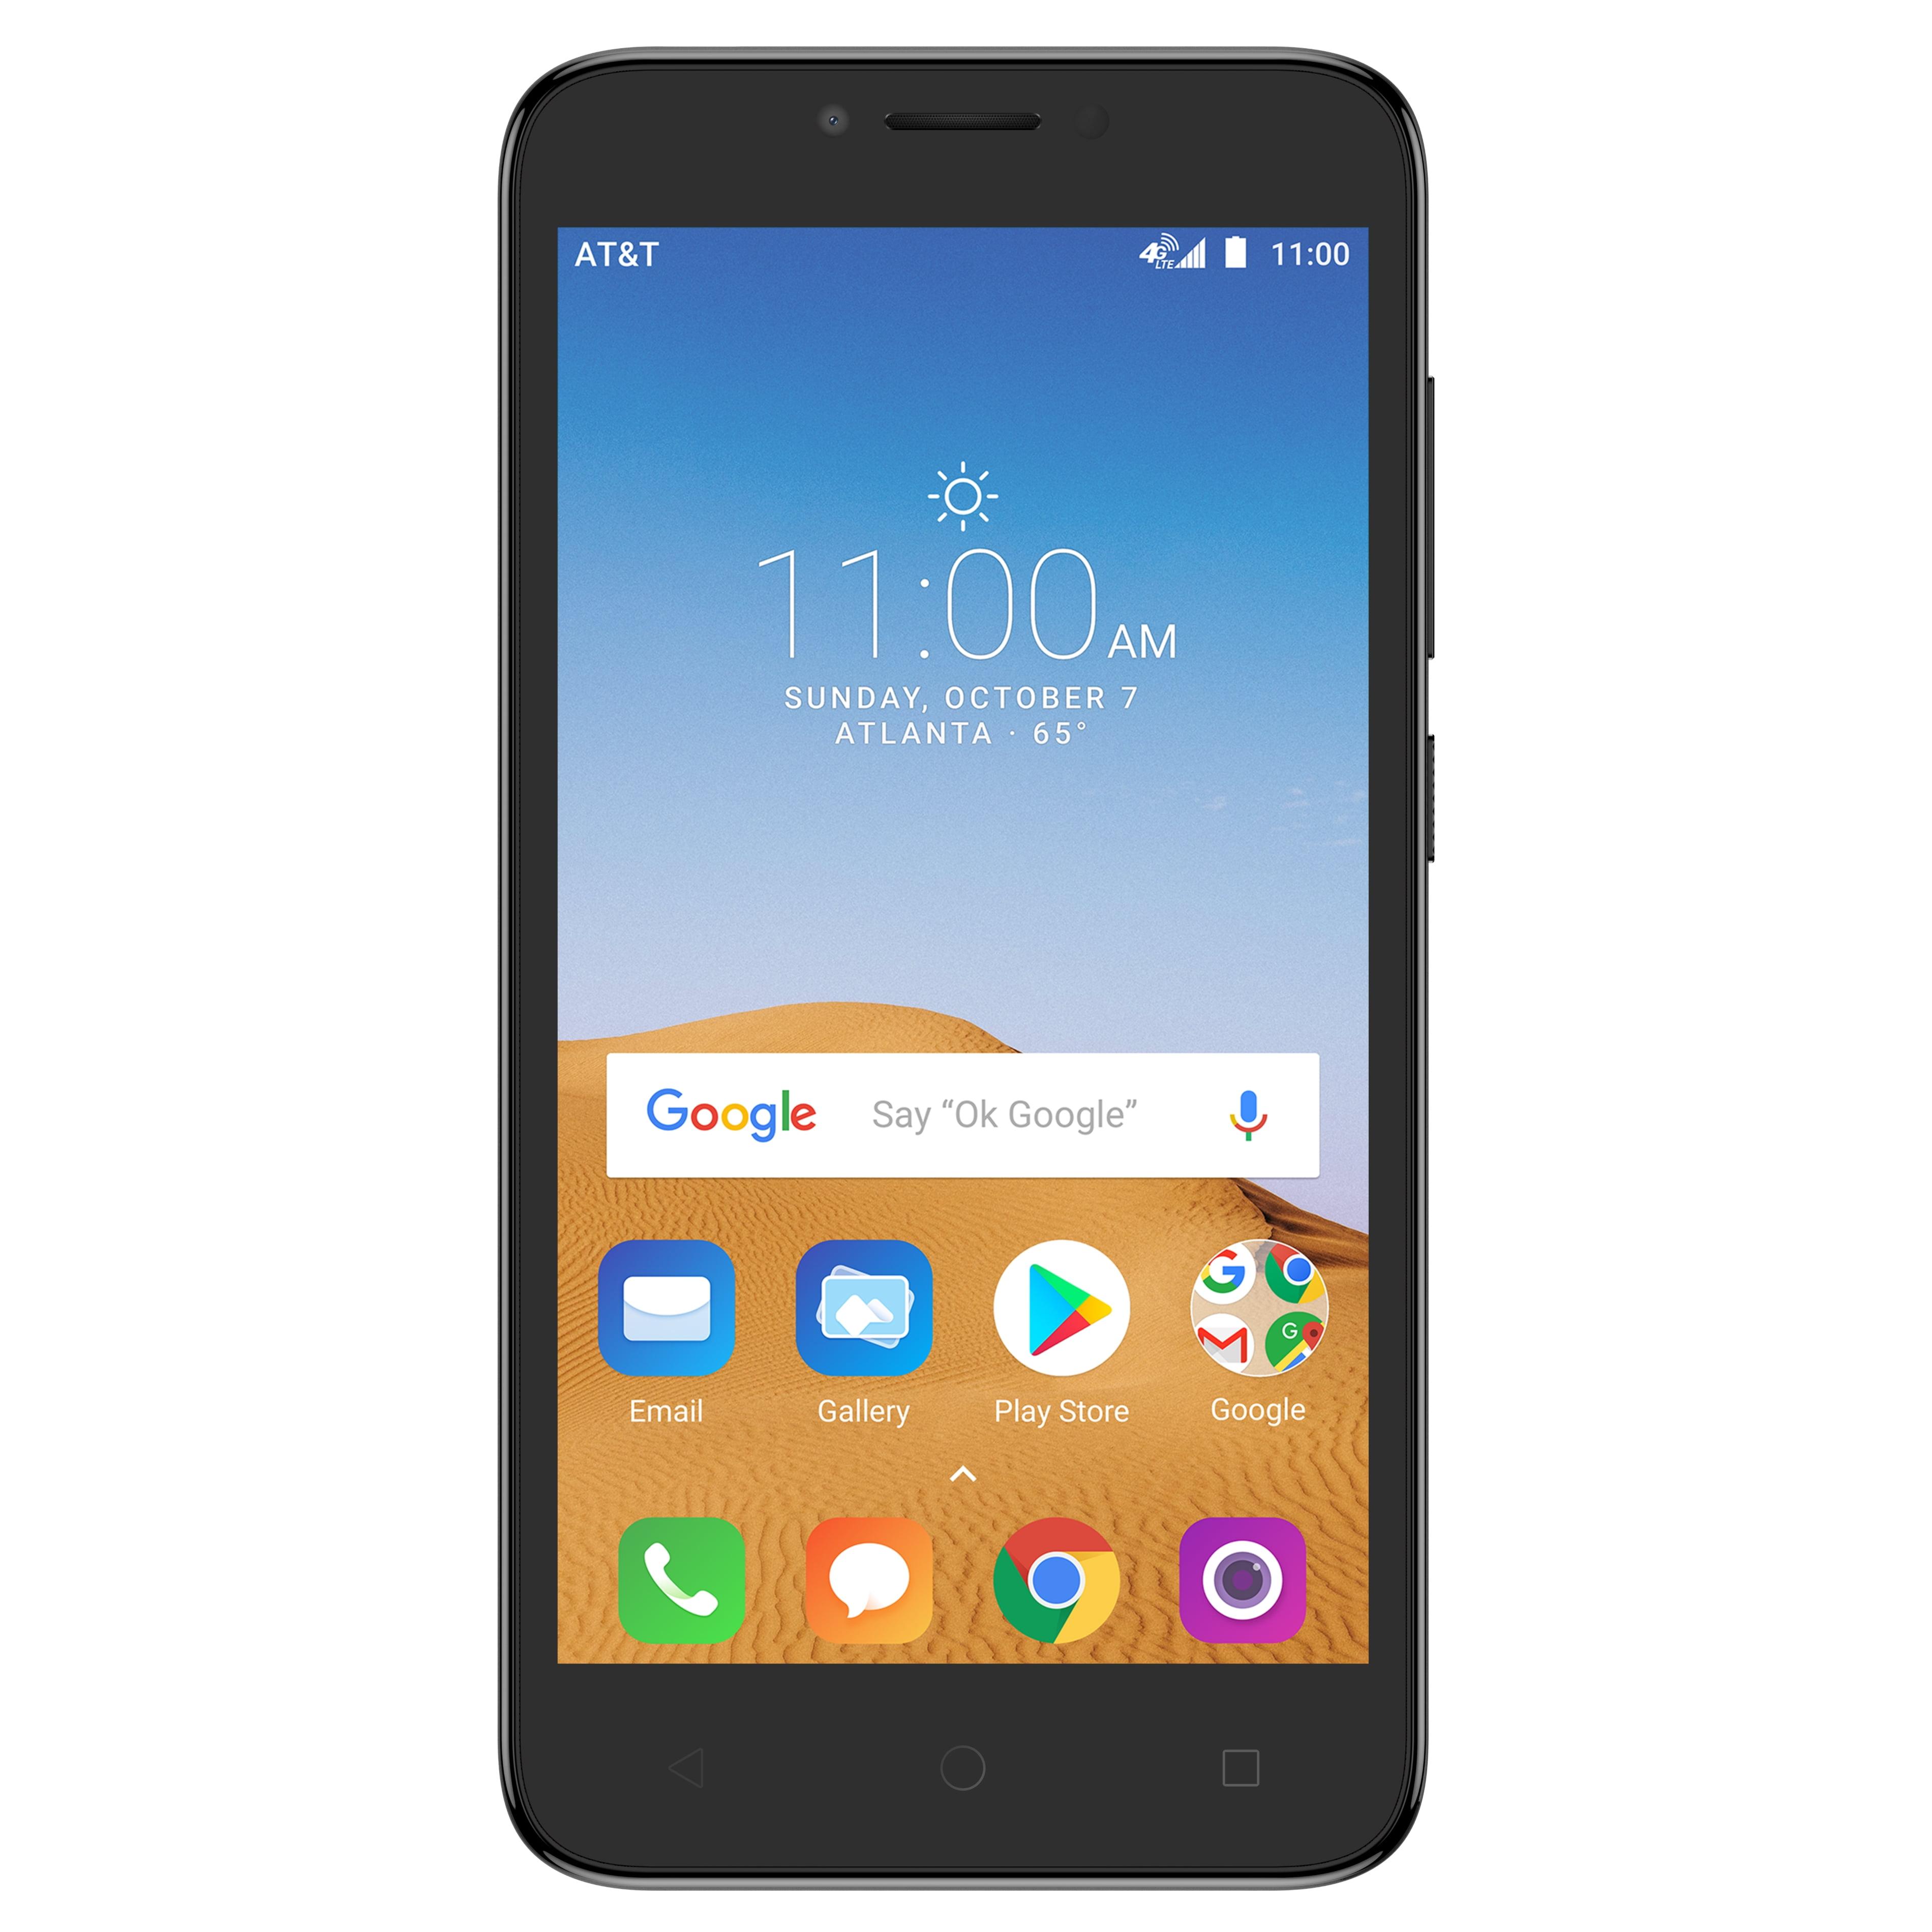 AT&T PREPAID Alcatel TETRA 16GB Prepaid Smartphone, Black